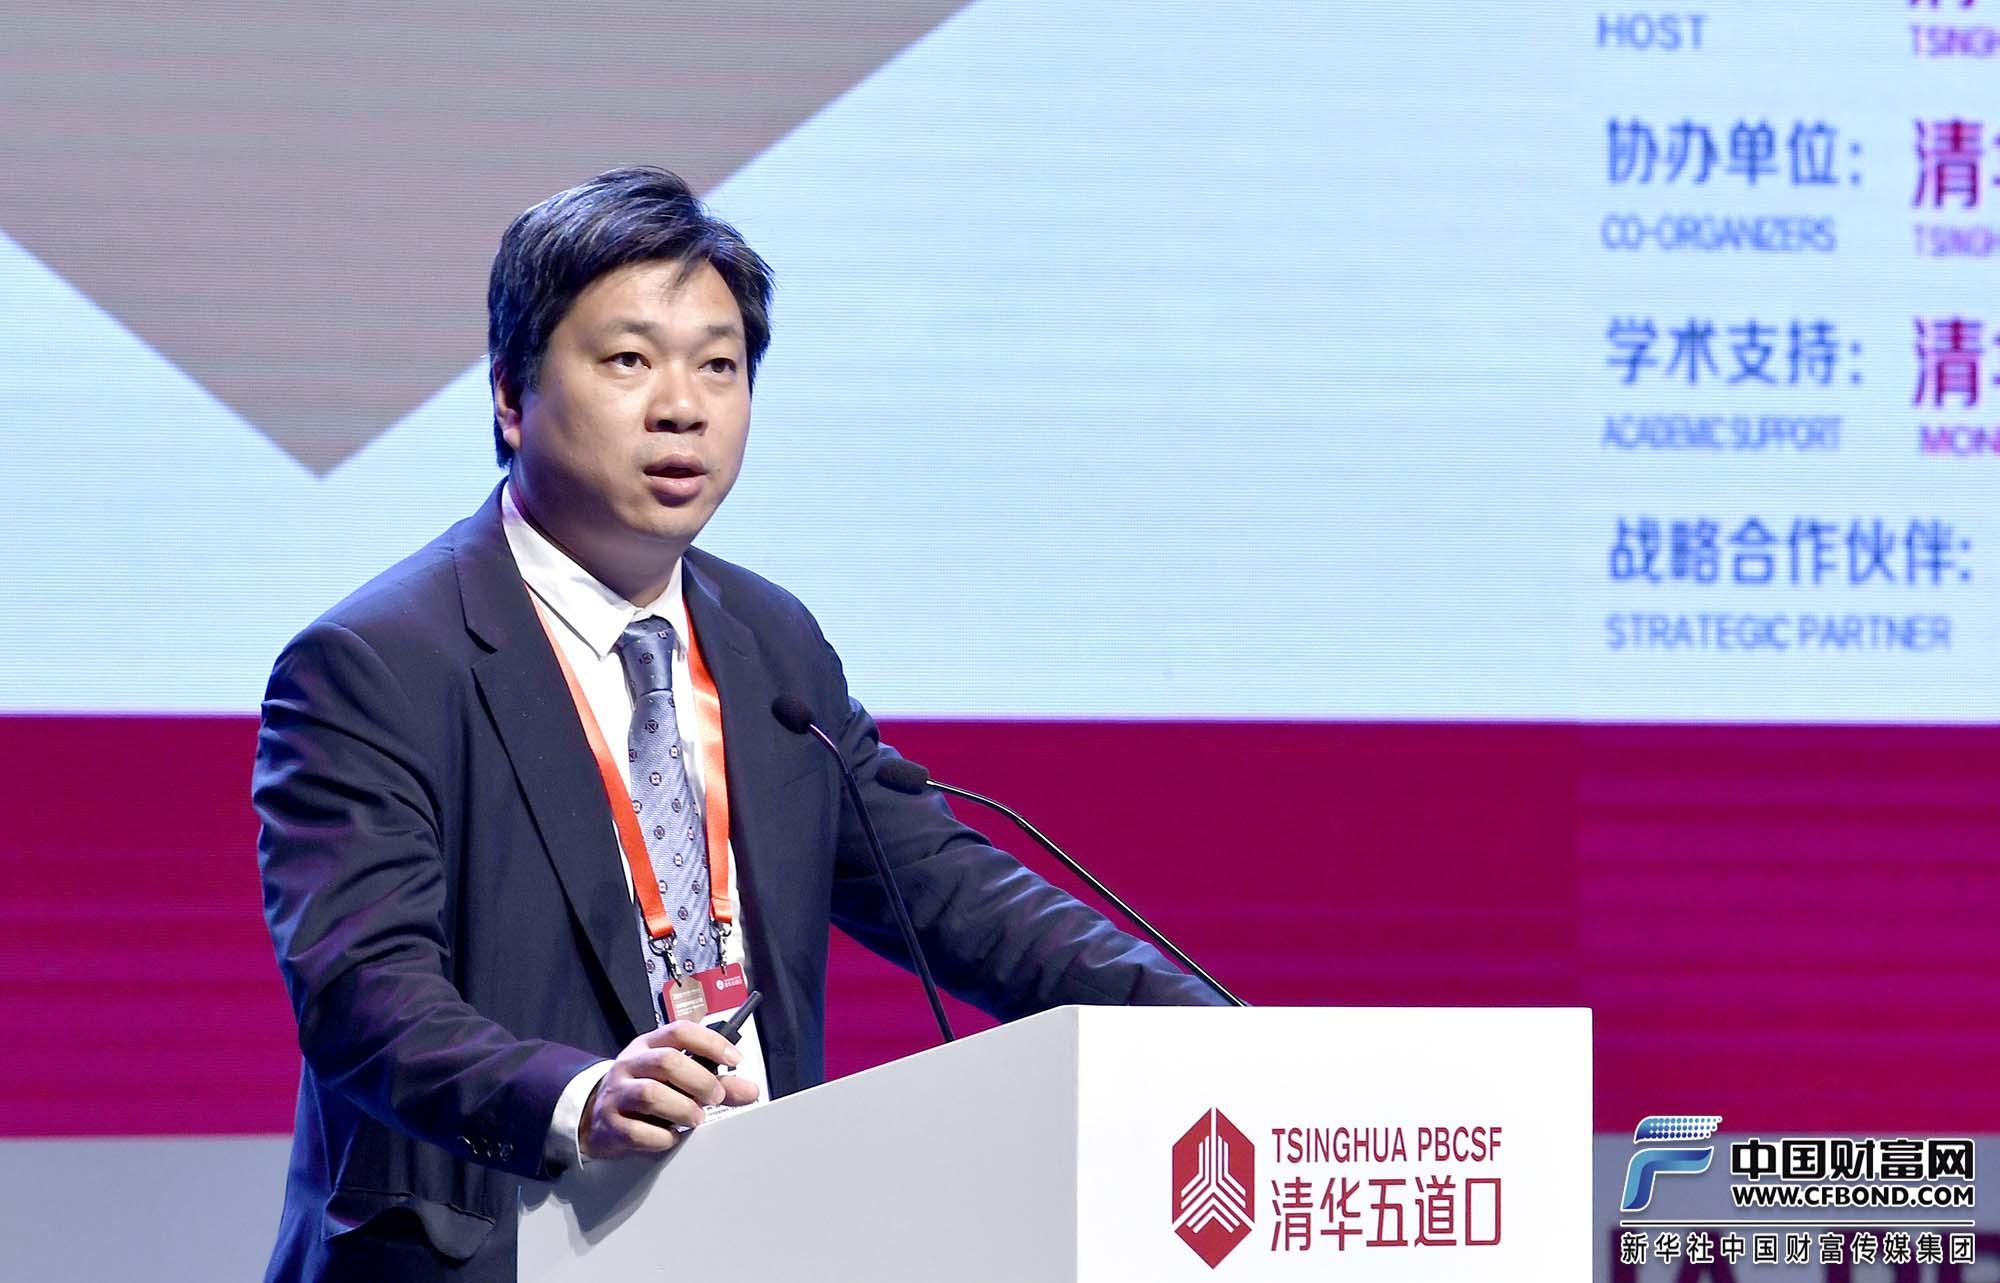 朱海斌:解决民营企业融资难题需要多层次融资体系